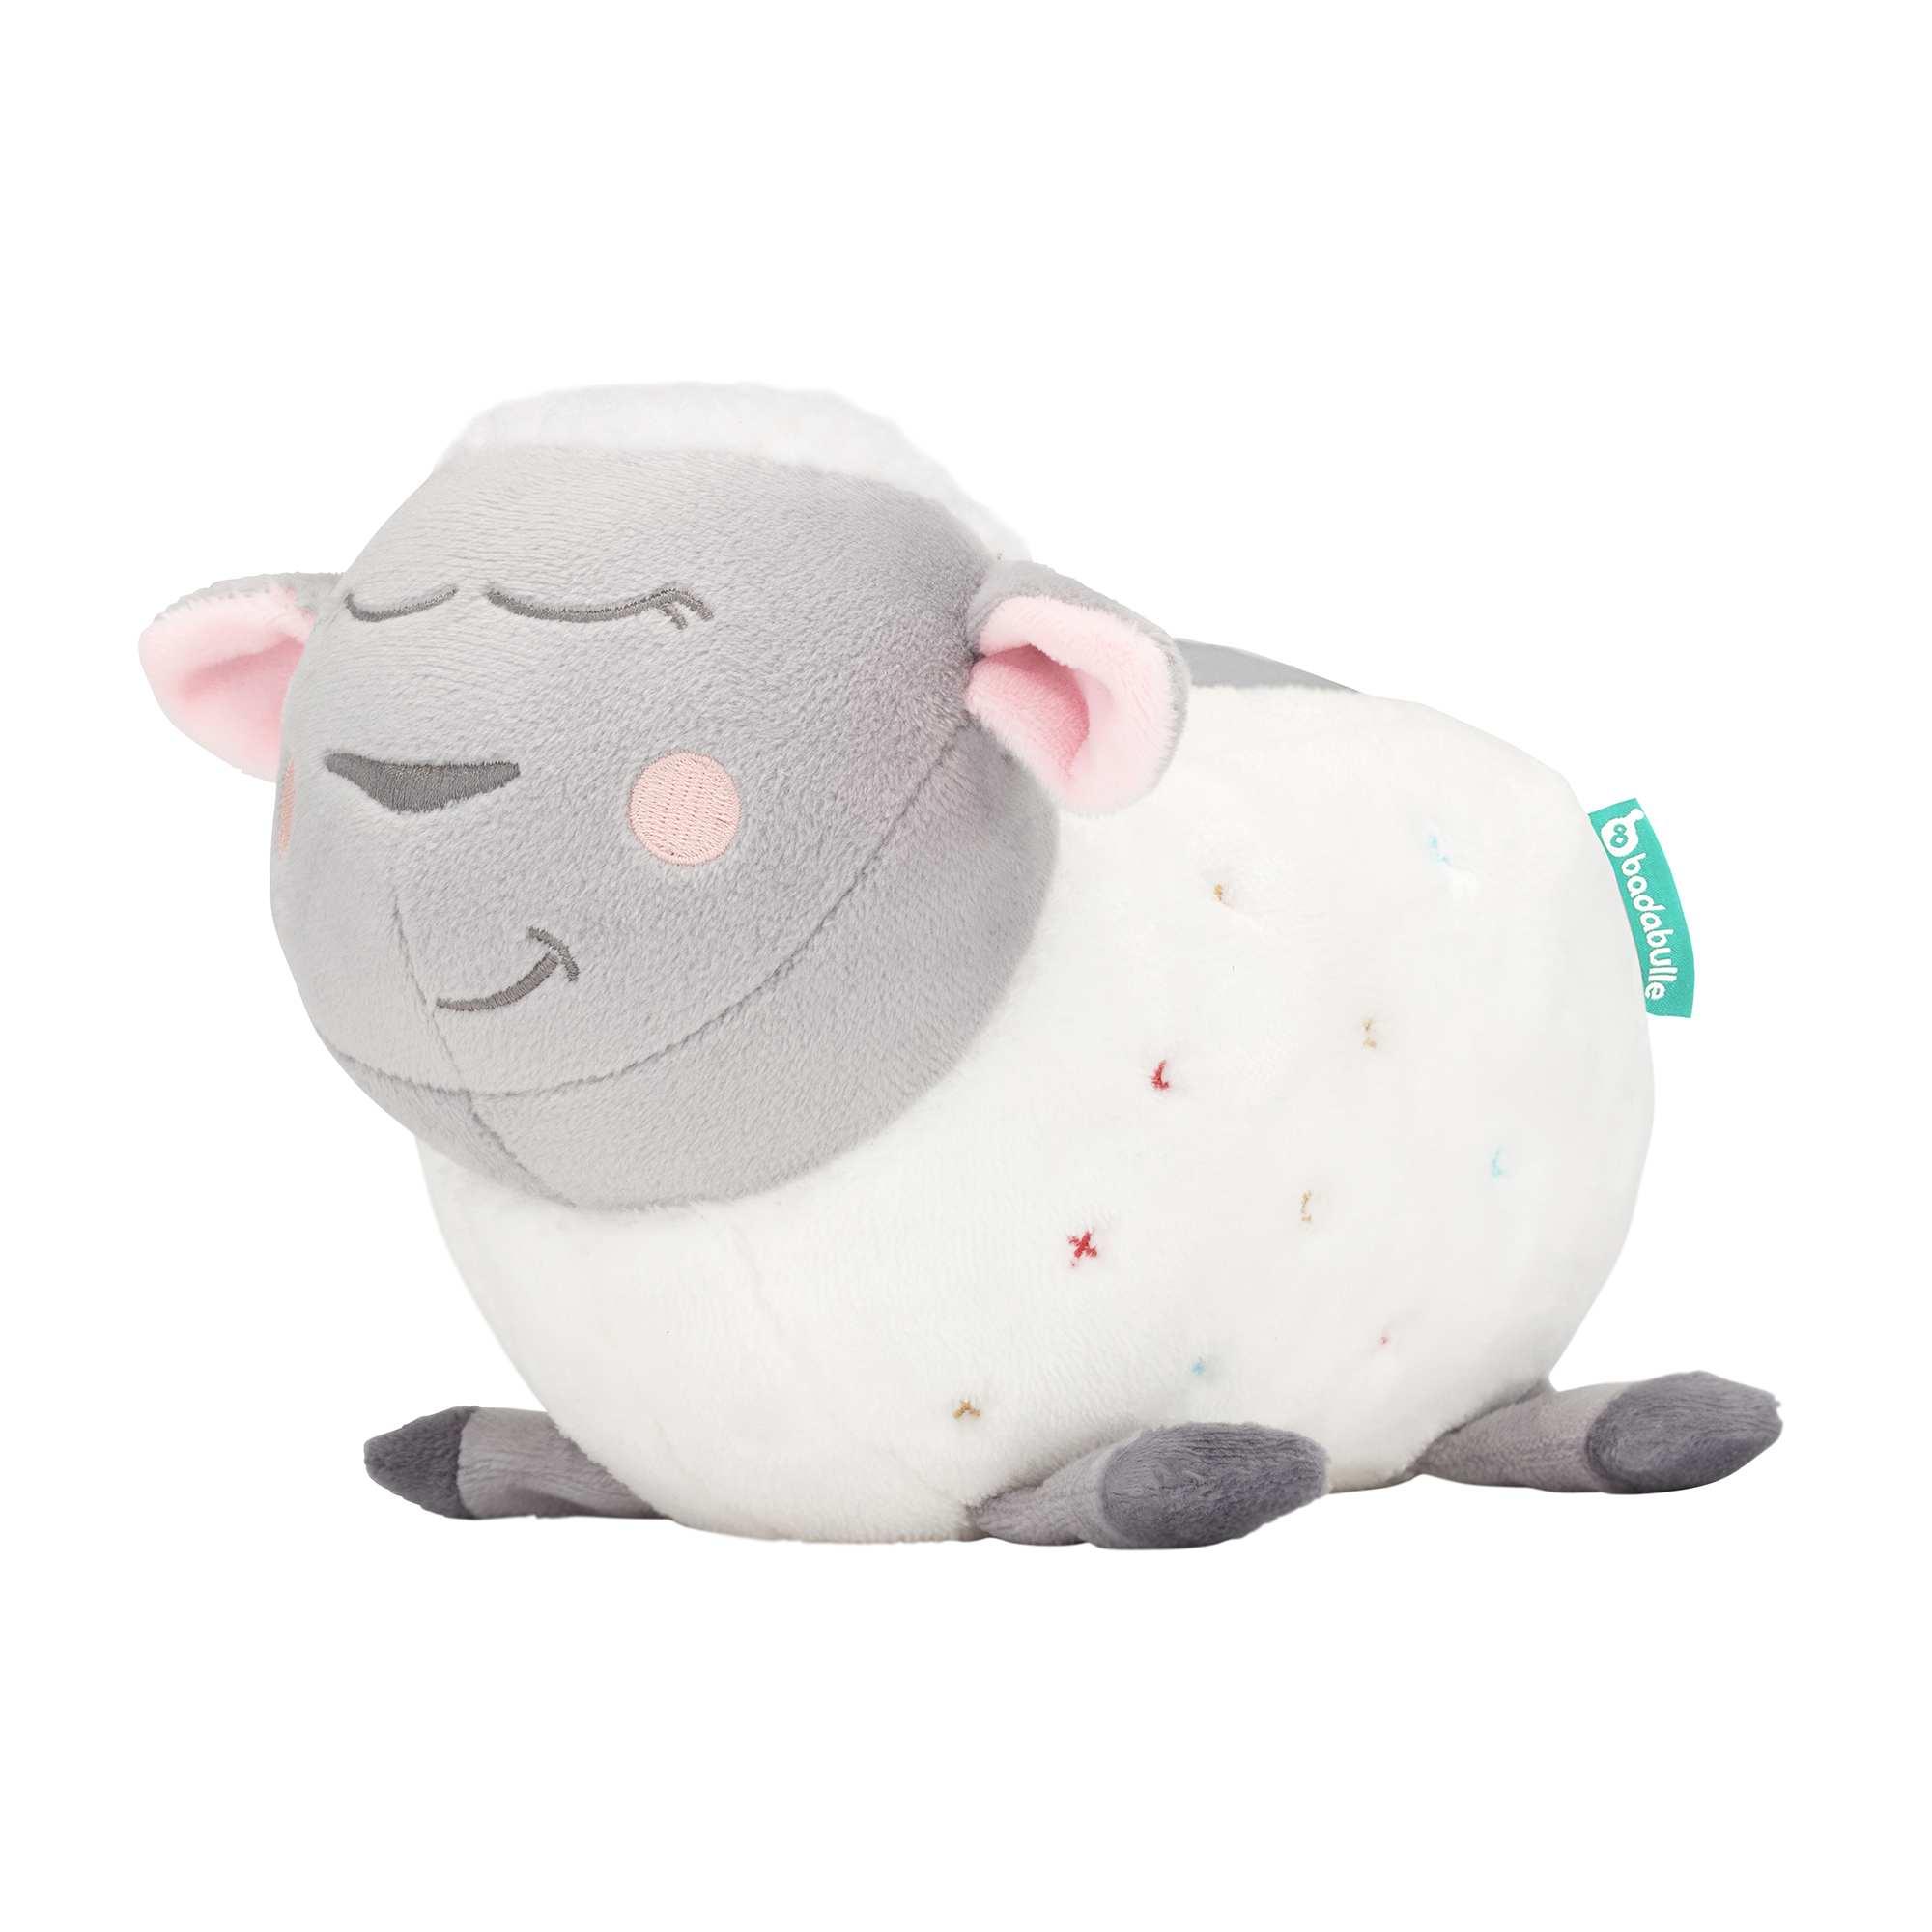 Couleur : blanc, , ,, - Taille : TU, , ,,Le nouveau compagnon des nuits de bébé ! - Veilleuse mouton - Fait de la lumière et